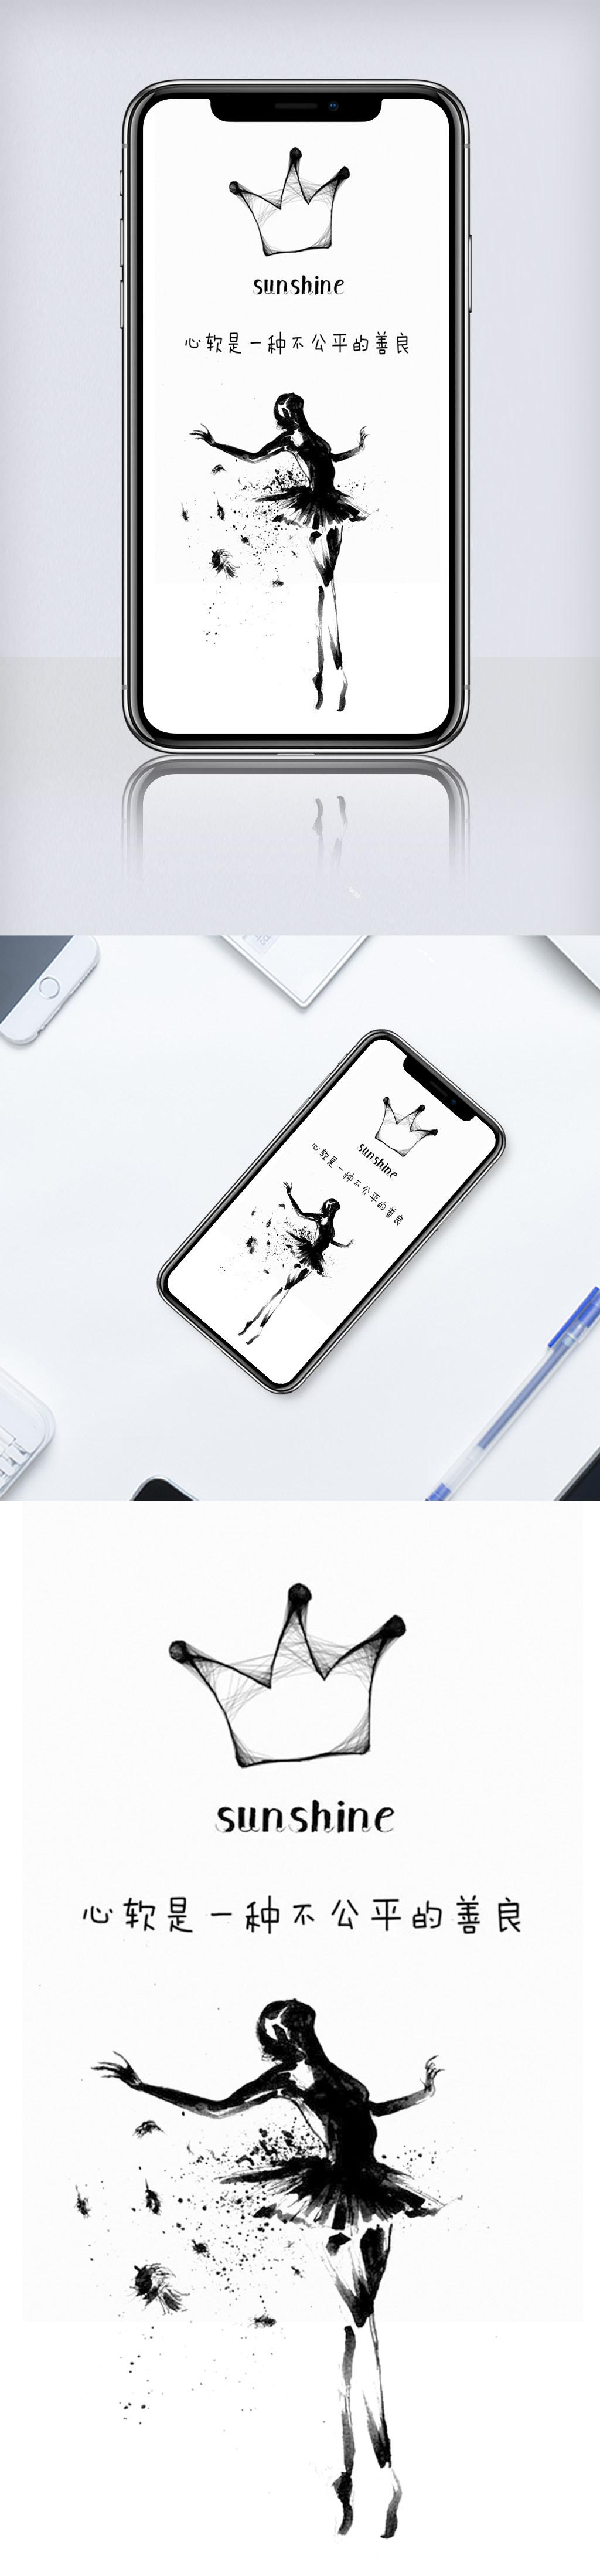 简约文字手绘手机壁纸模板